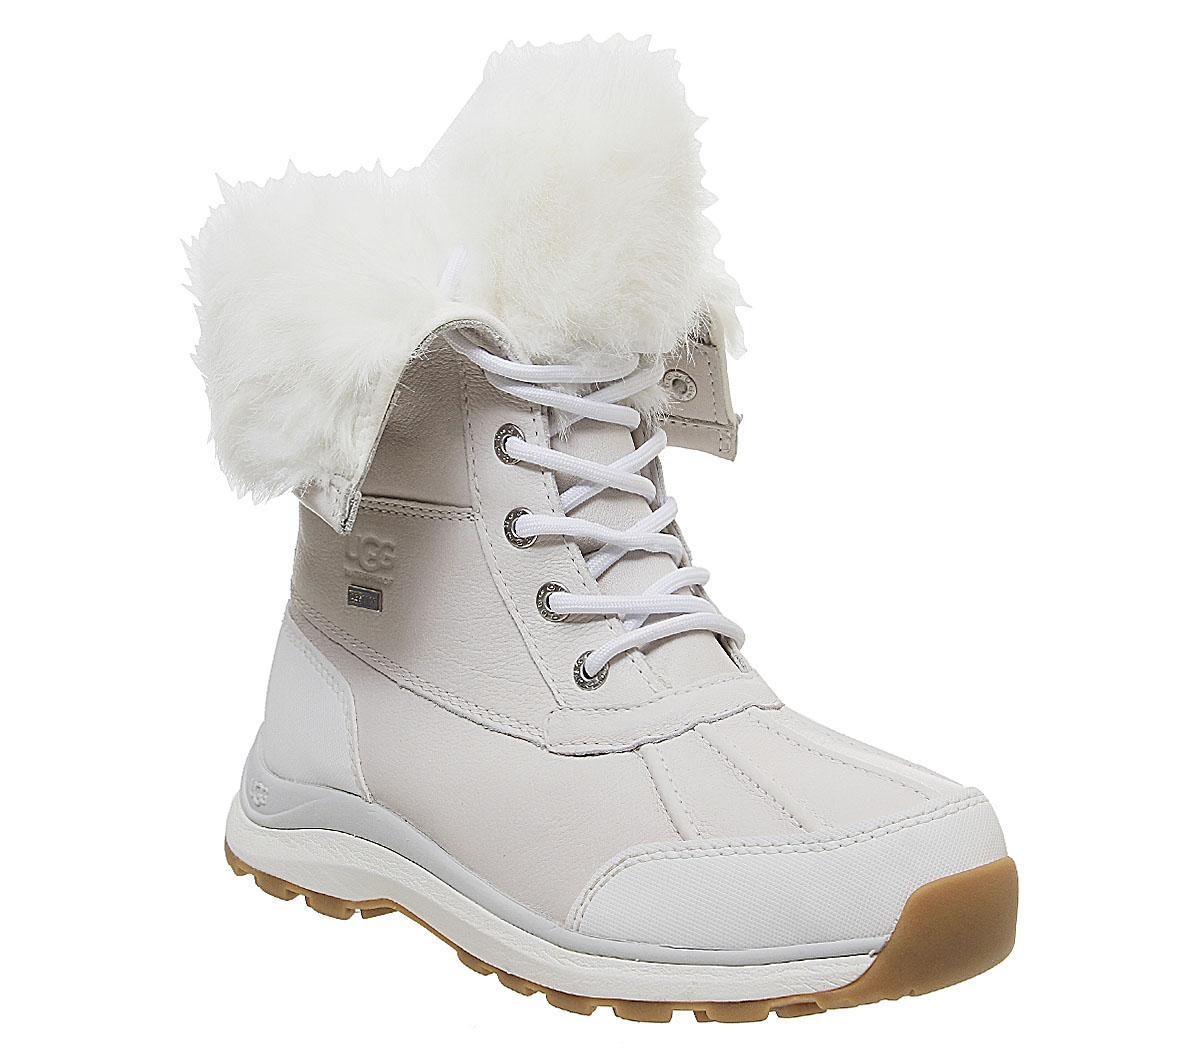 UGG Adirondack Boot Iii White - Online